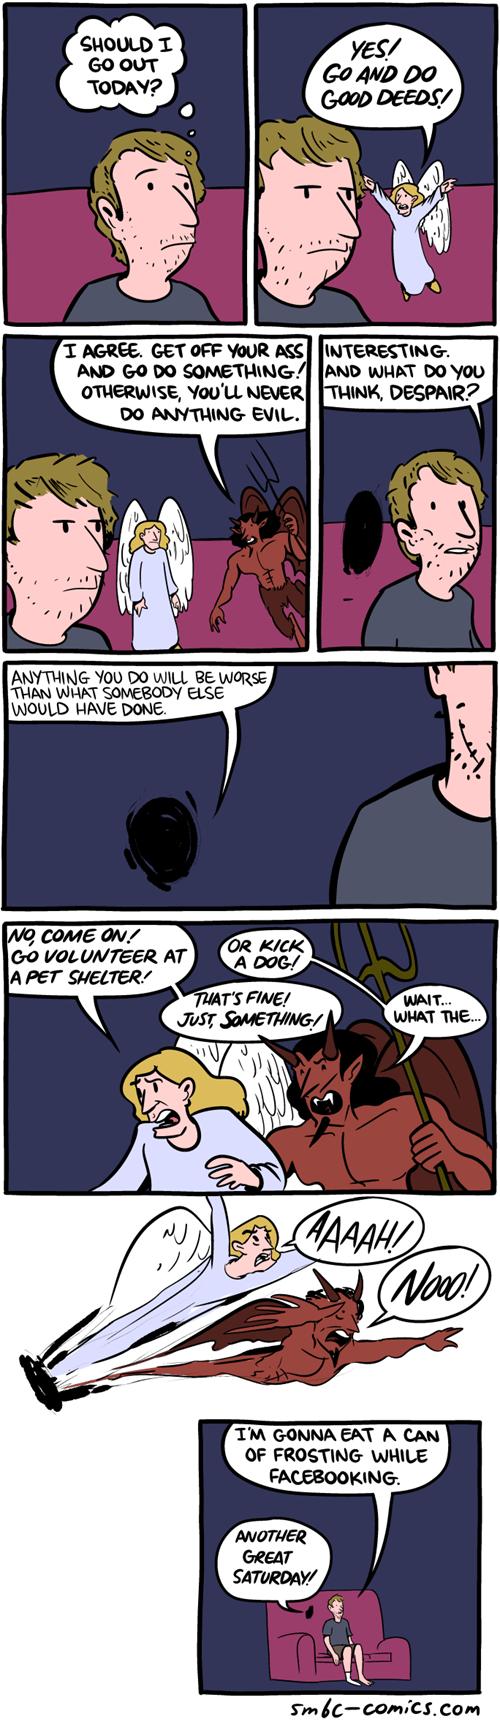 devils apathy deeds angels sad but true web comics - 8432403200